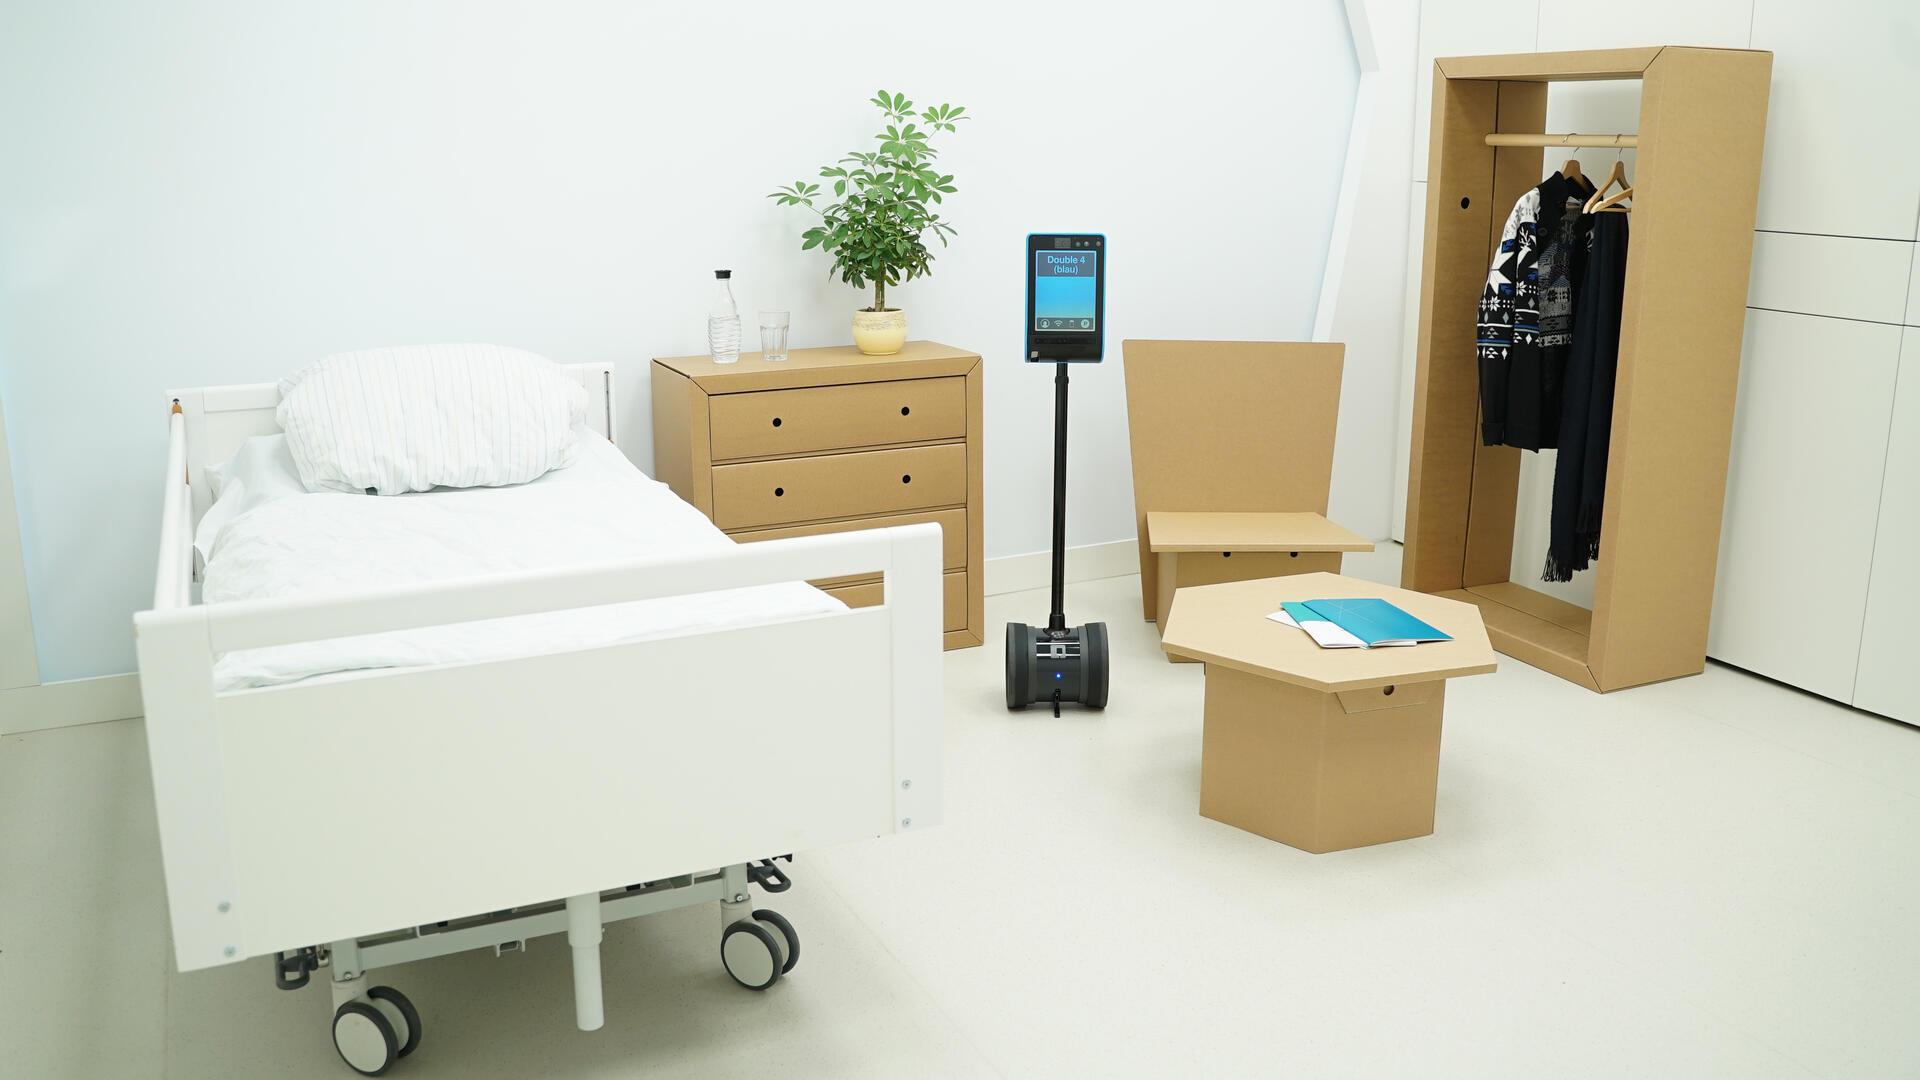 Innovation Hub für digital unterstützte Gesundheitsversorgung (Foto: DELH)